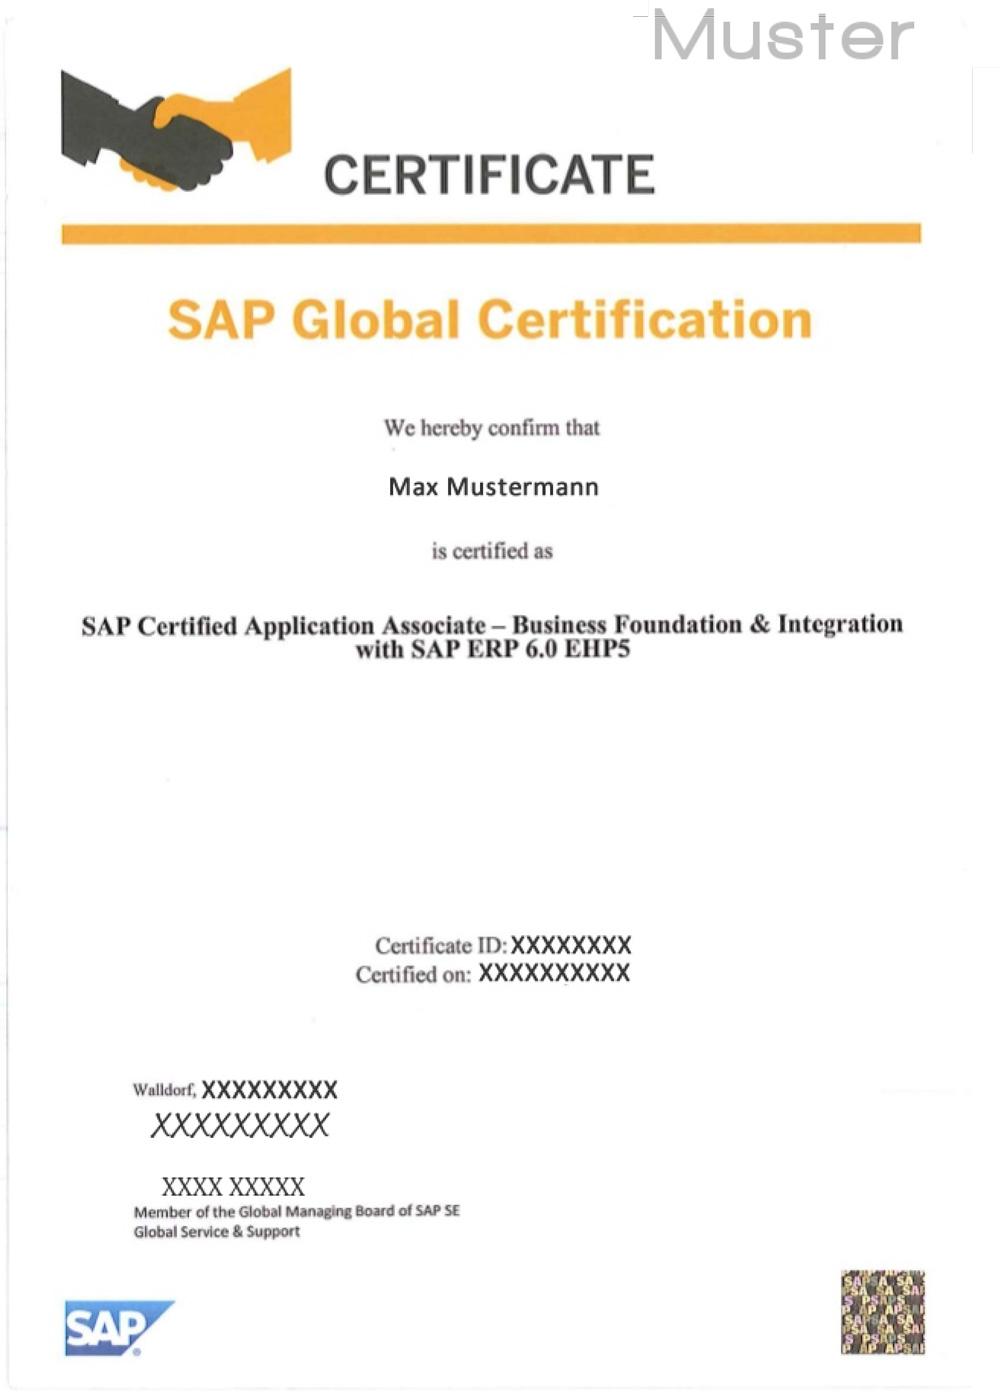 TERP10-Zertifikat-Bsp-Wasserz-1000-web